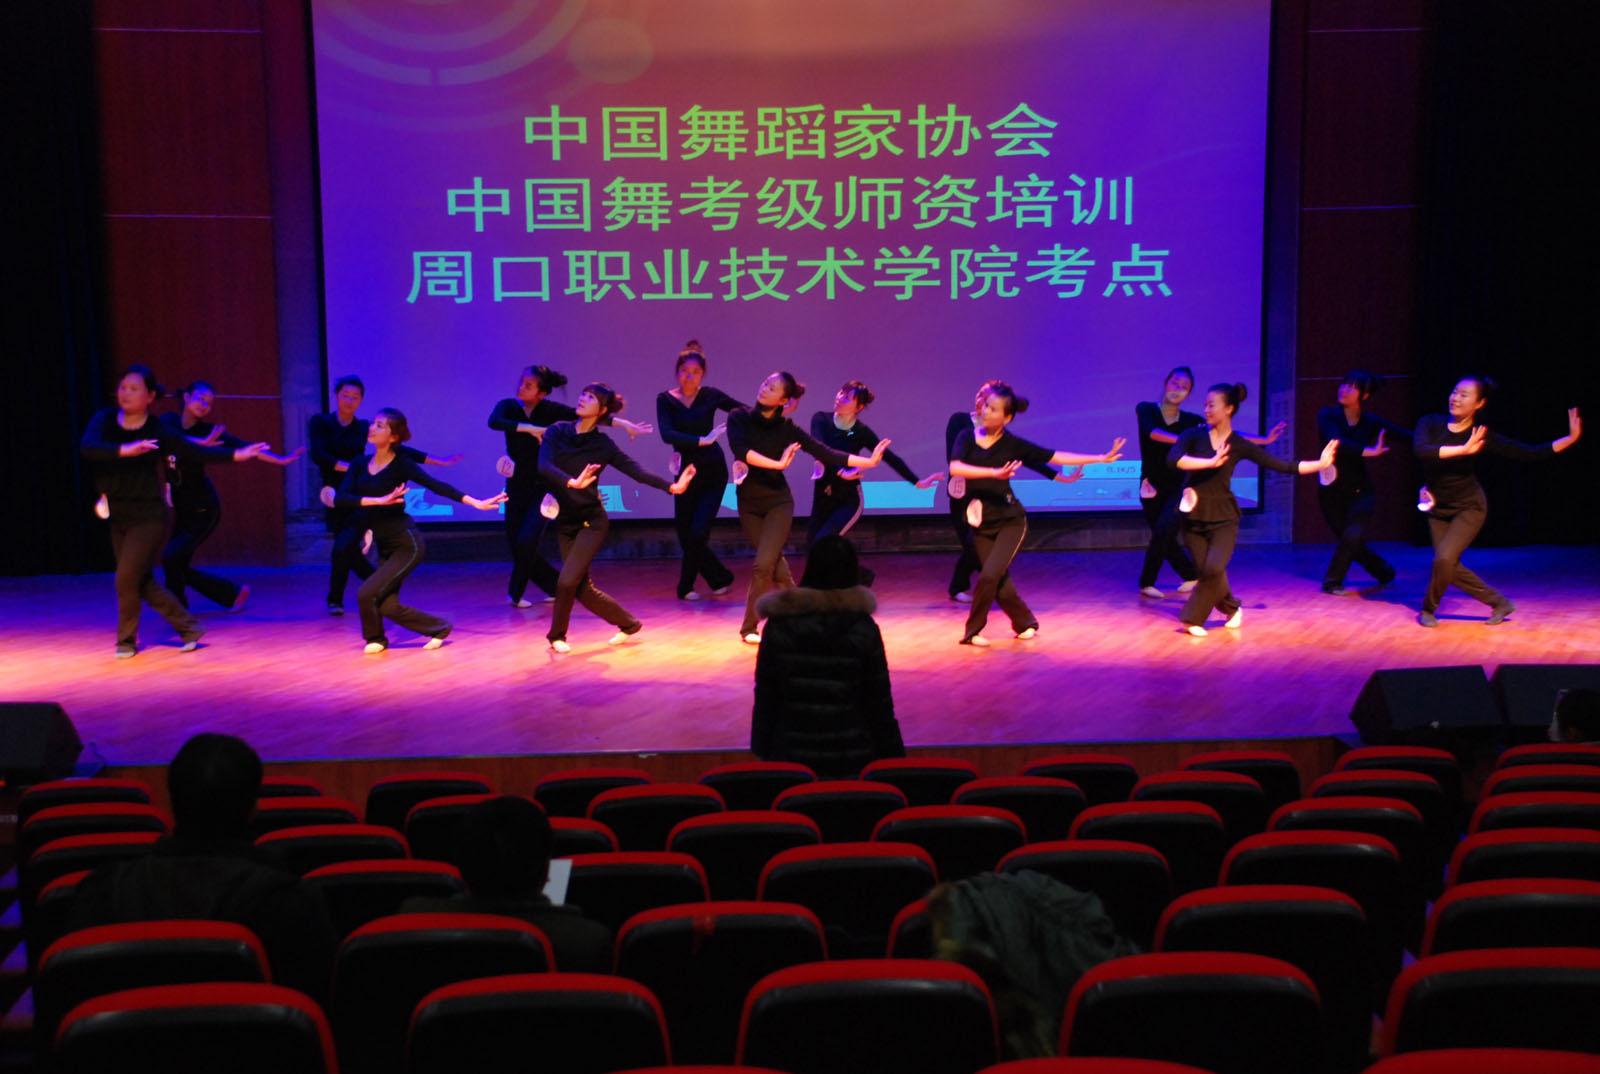 音乐表演专业学生在排练舞蹈